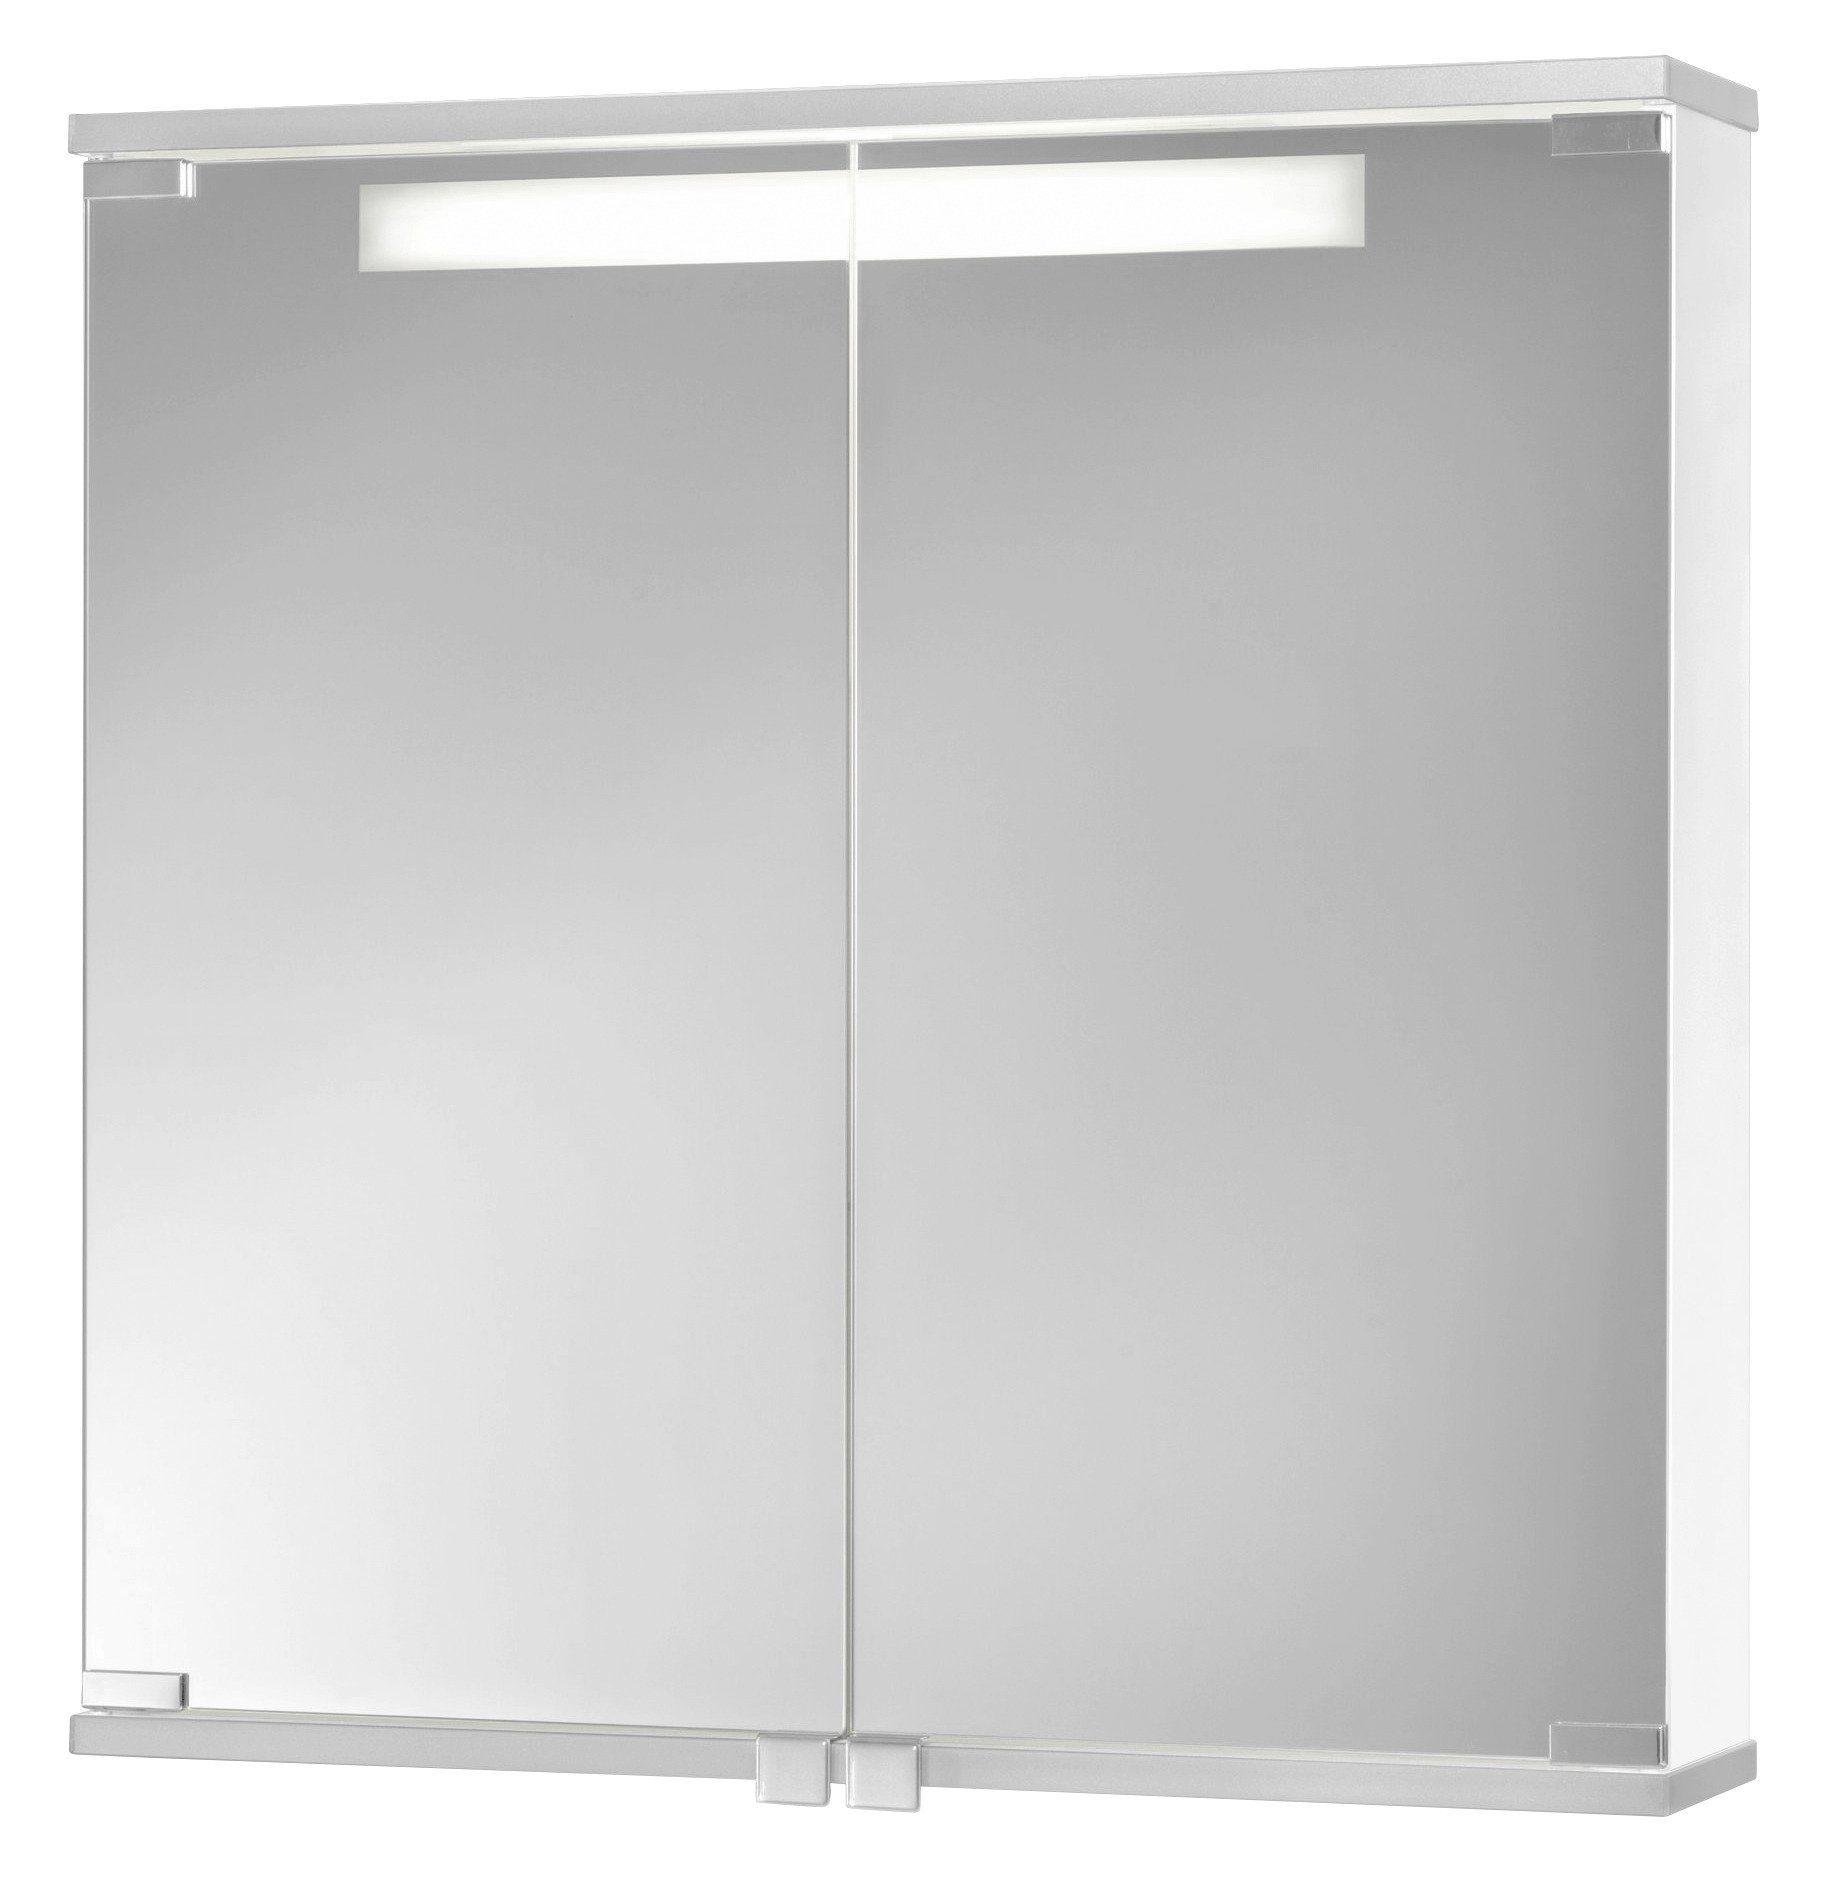 Jokey Spiegelschrank »Cento« Breite 60 cm, mit Beleuchtung